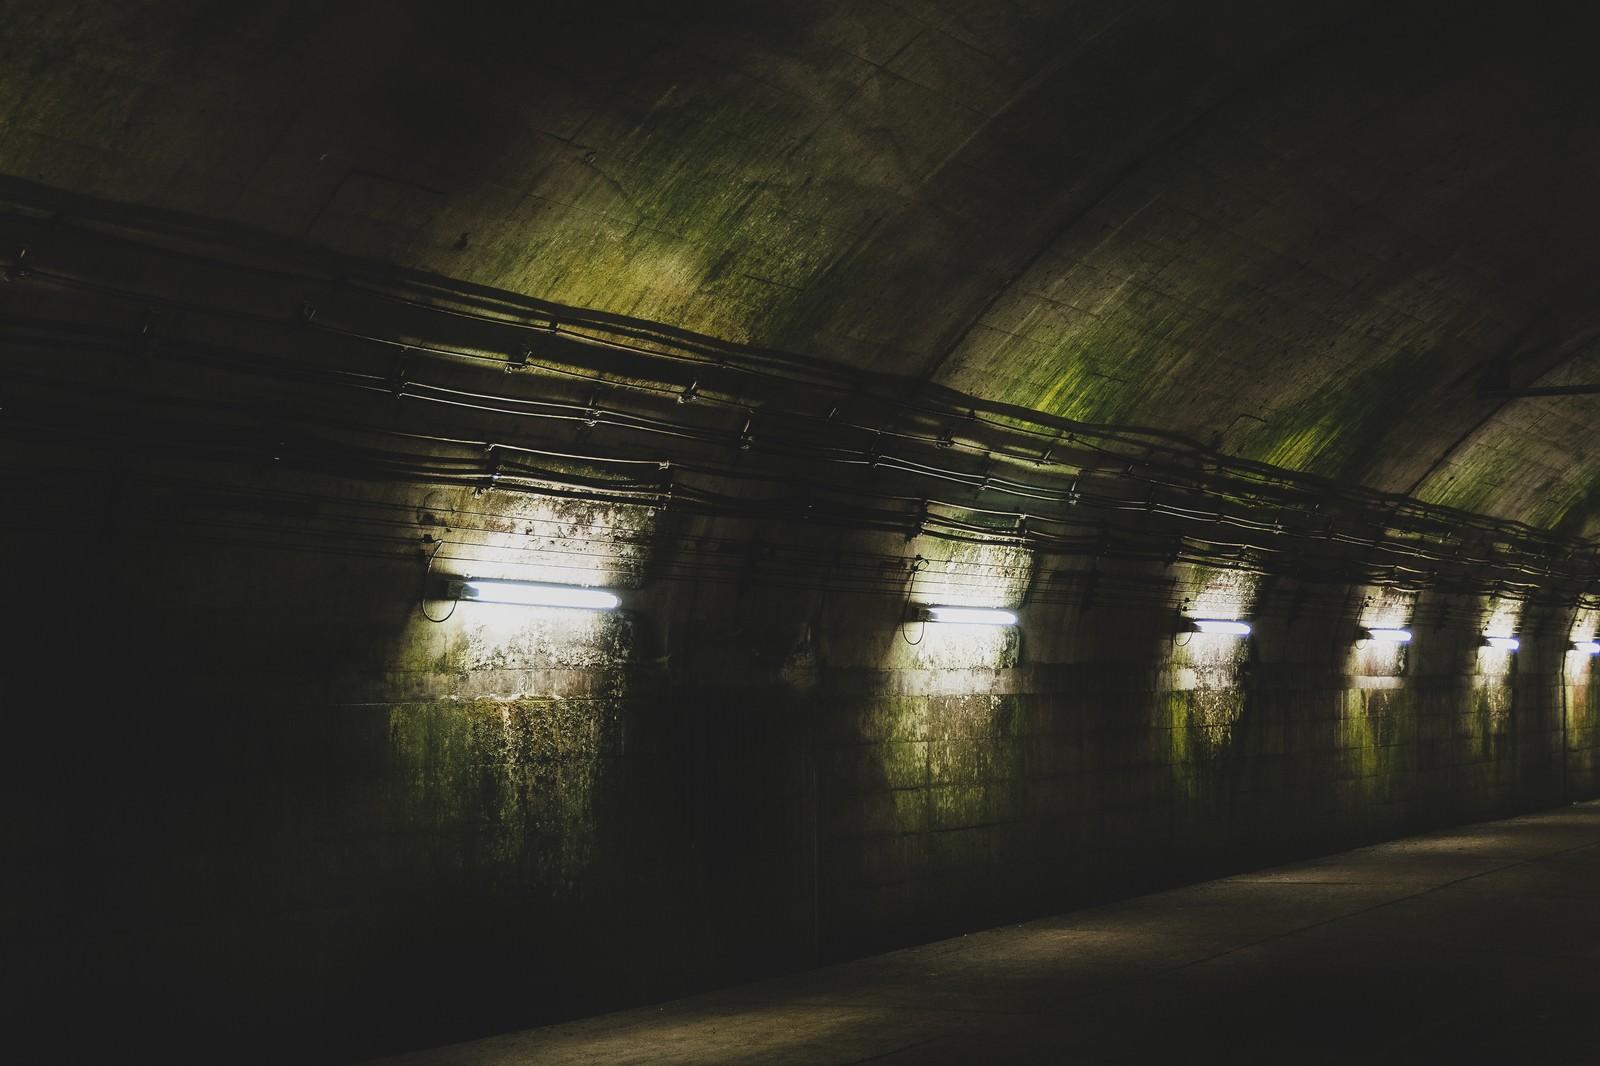 「まるで地下要塞にいるような電灯と汚れた壁面(土合駅) | 写真の無料素材・フリー素材 - ぱくたそ」の写真